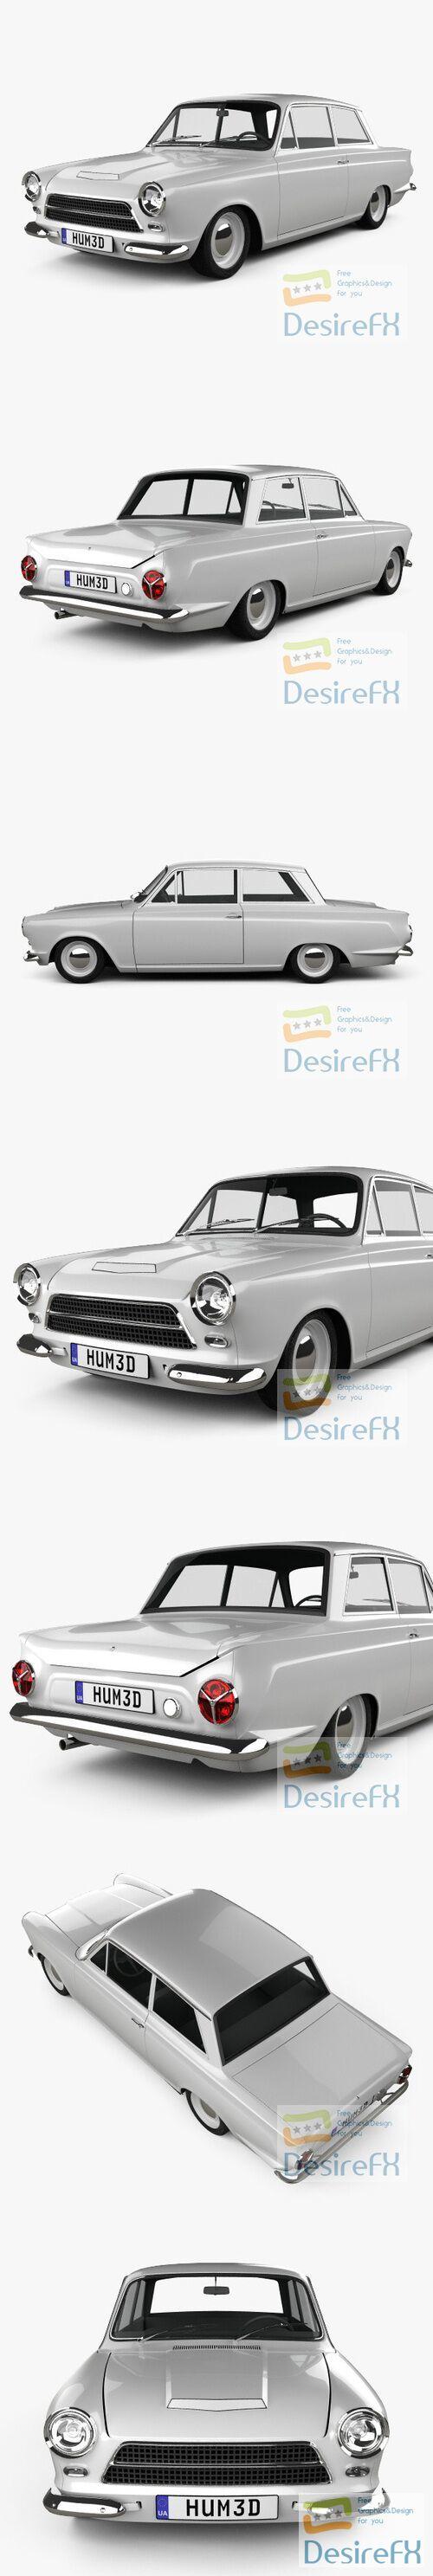 Ford Lotus Cortina 1963 3D Model